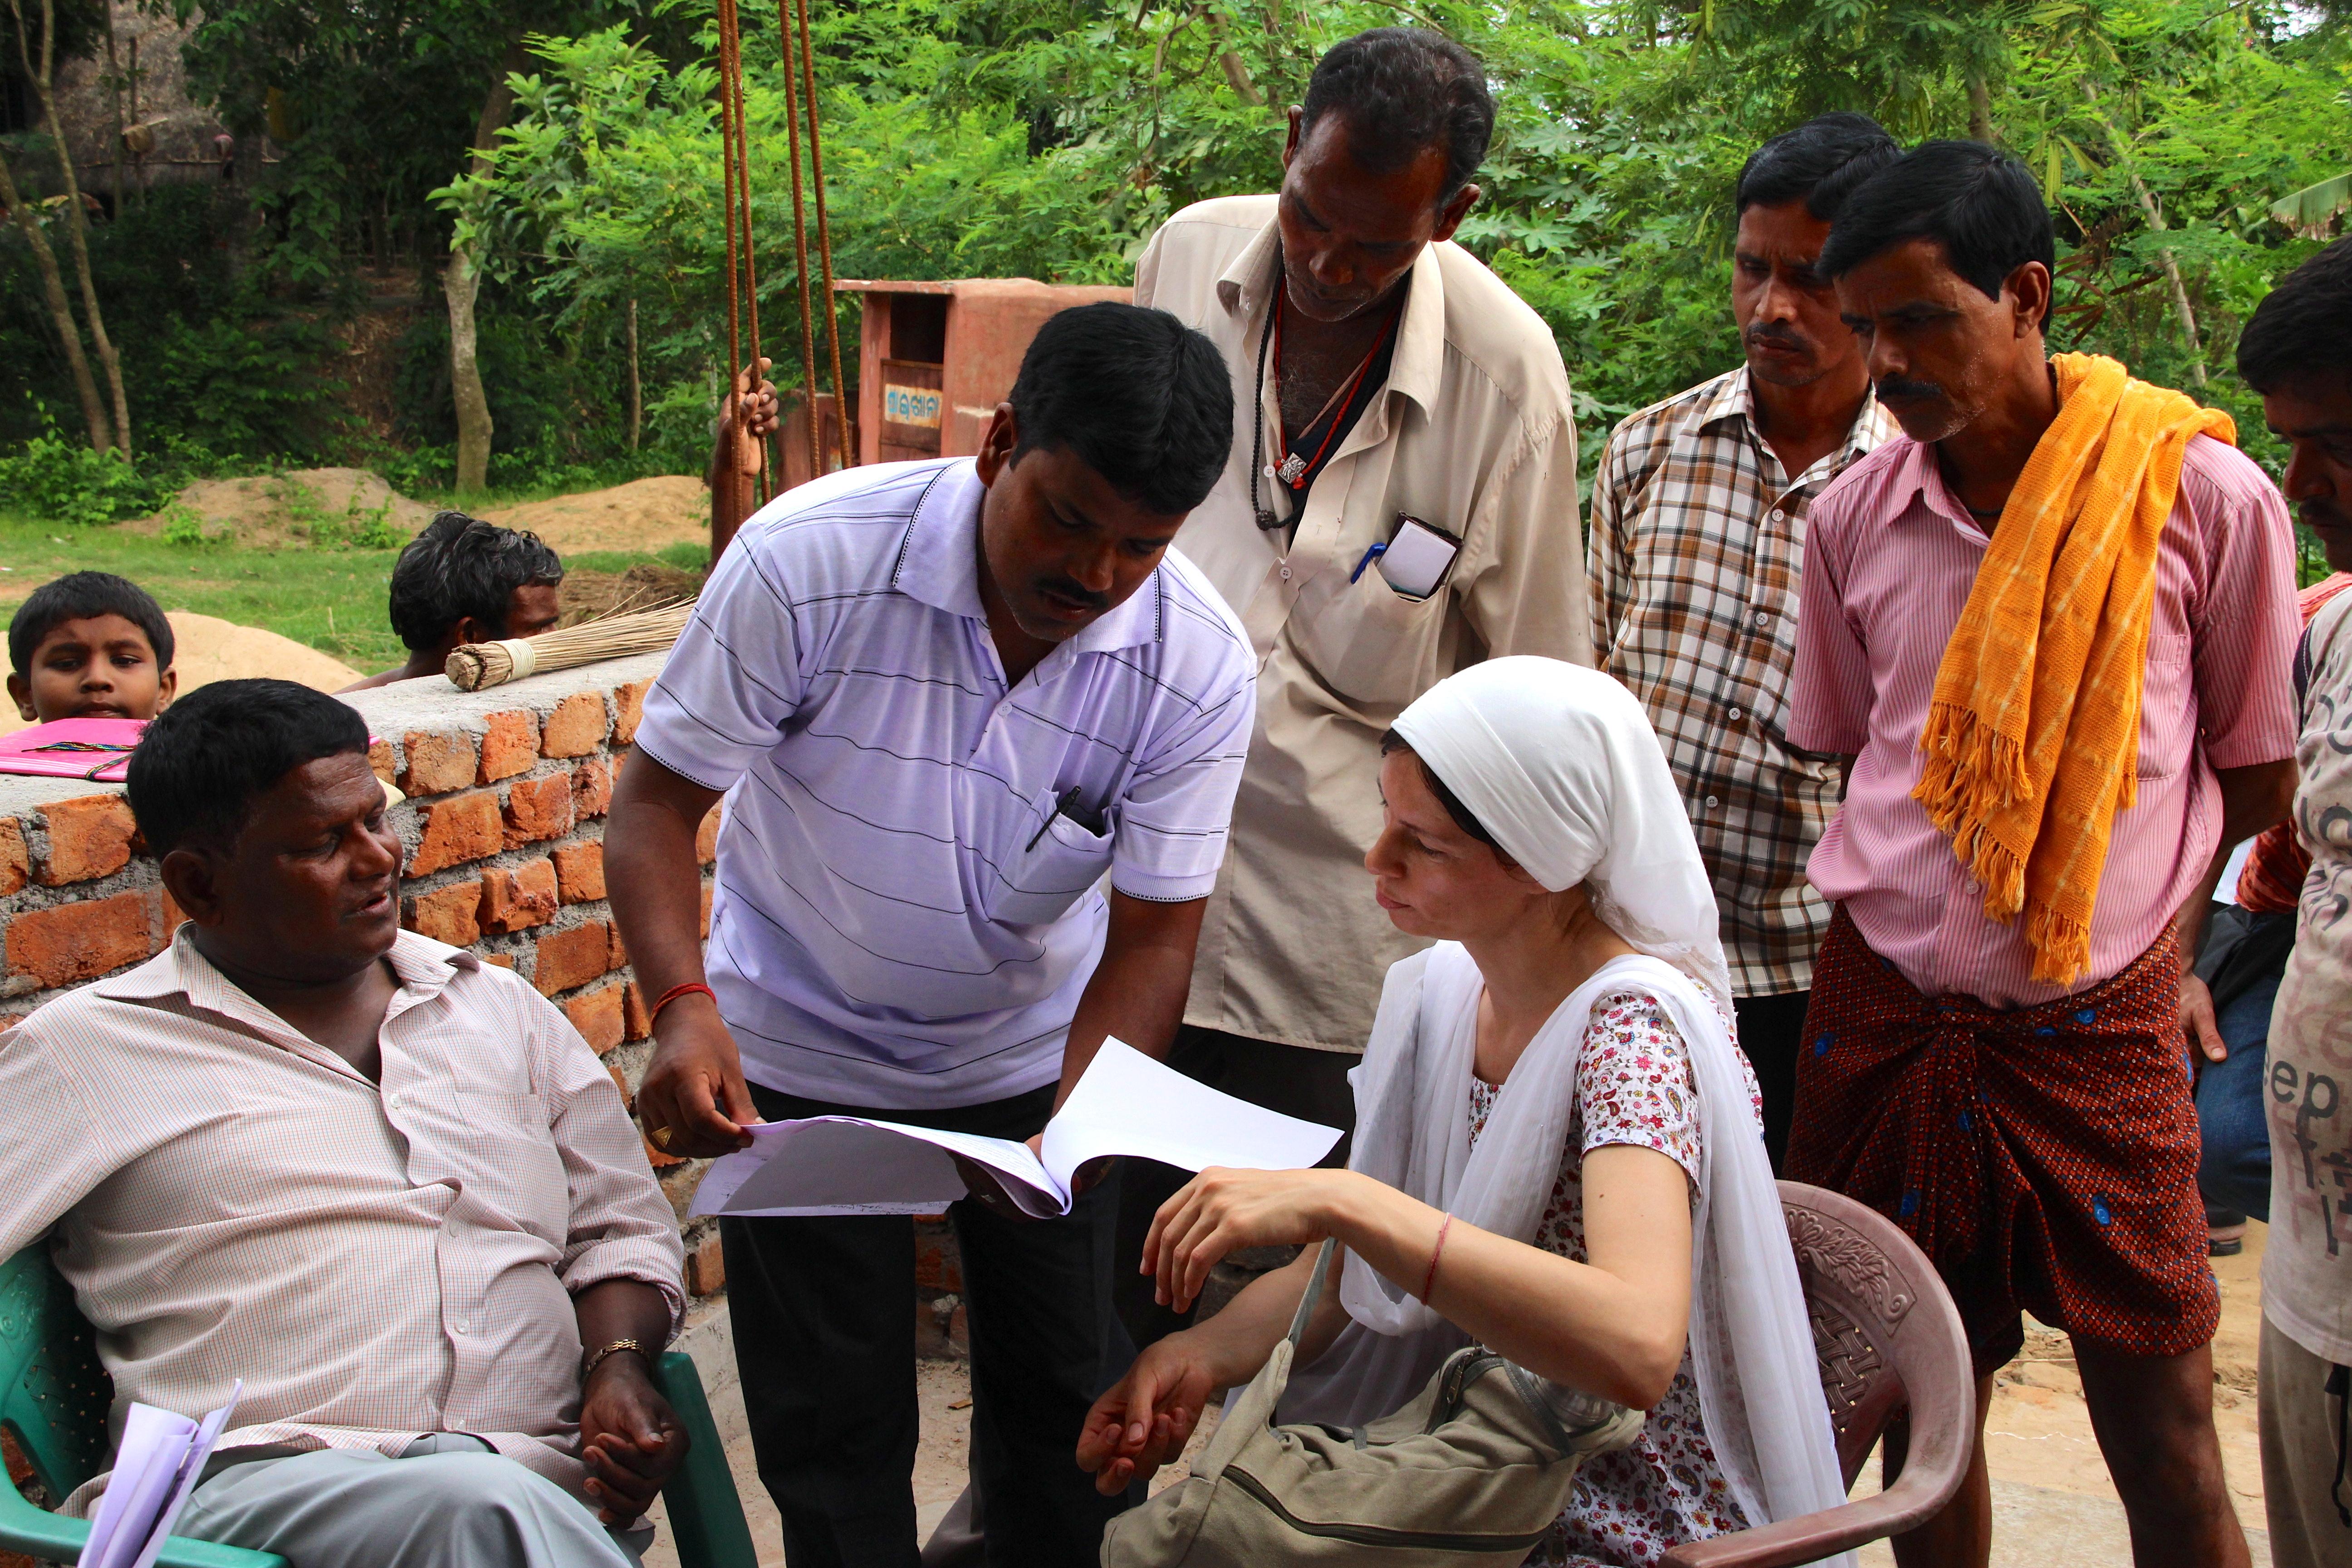 Fein Beispielzusammenfassung Von Lehrern Indien Galerie - Beispiel ...